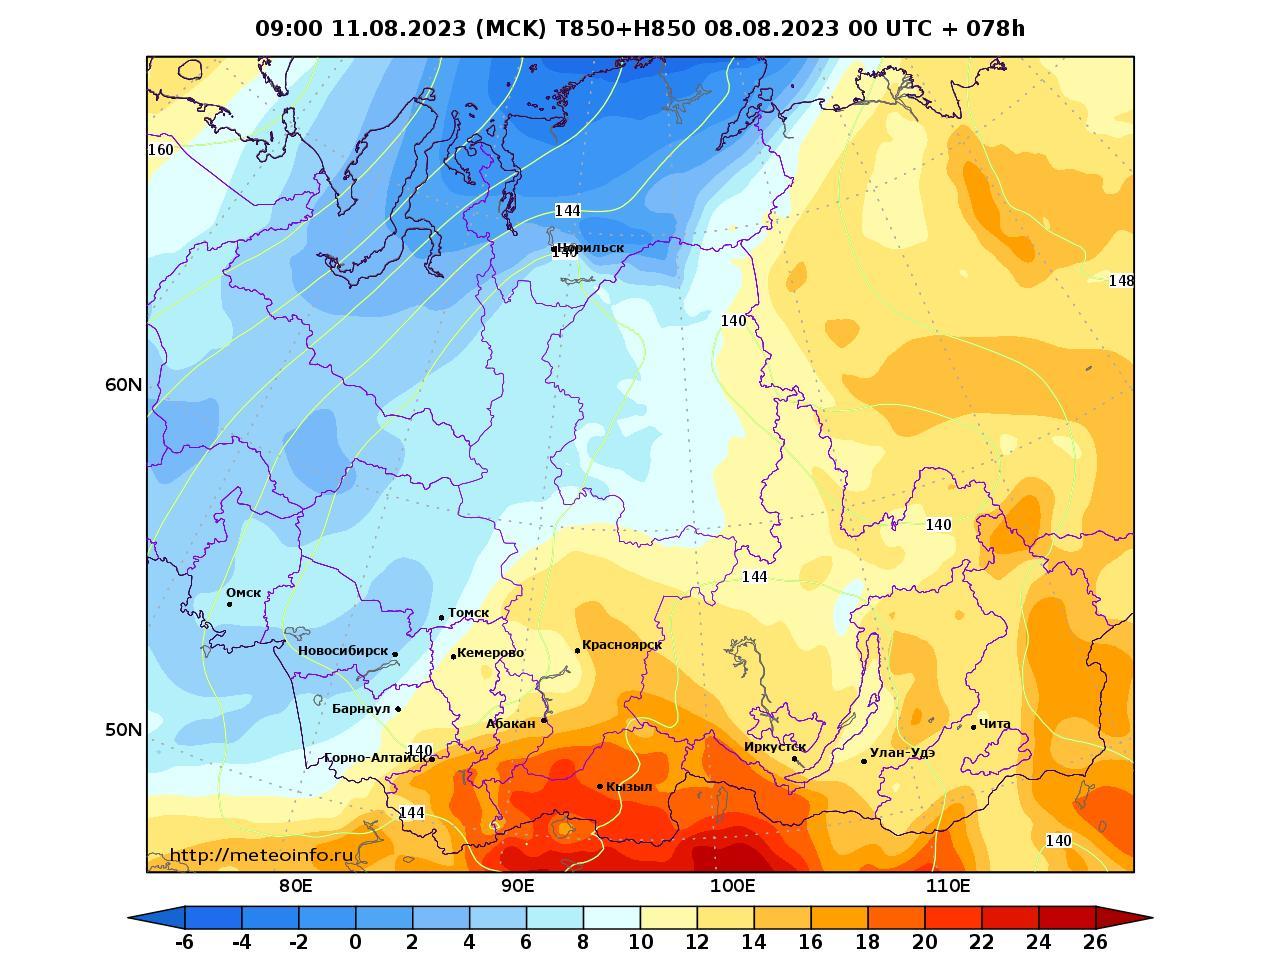 Сибирский Федеральный округ, прогностическая карта температура T850 и геопотенциал H850, заблаговременность прогноза 78 часов